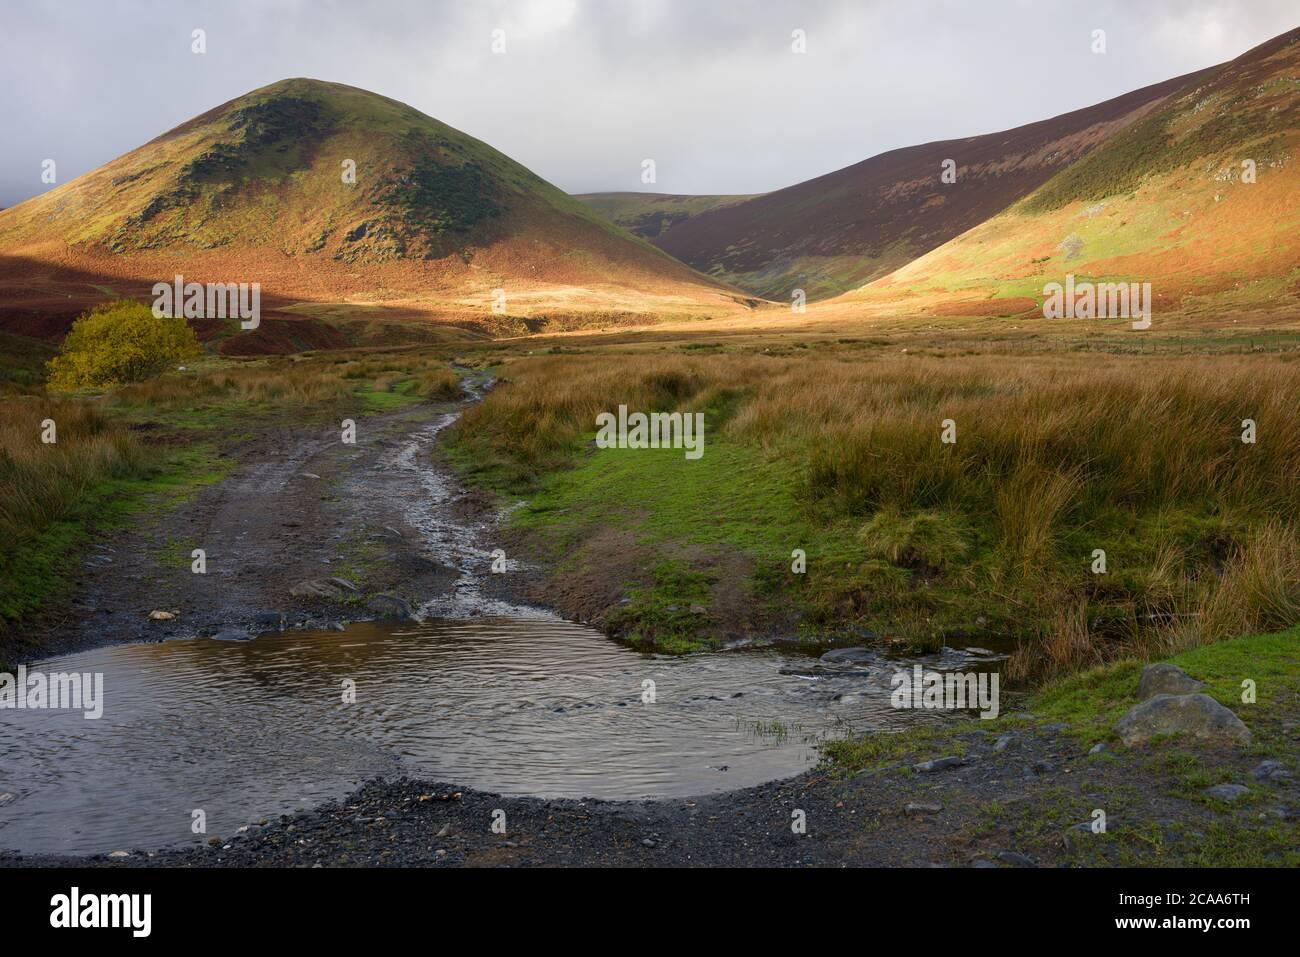 La langue et le Bowscale sont tombés à Mungrisdale, dans le parc national de Lake District, à Cumbria, en Angleterre. Banque D'Images